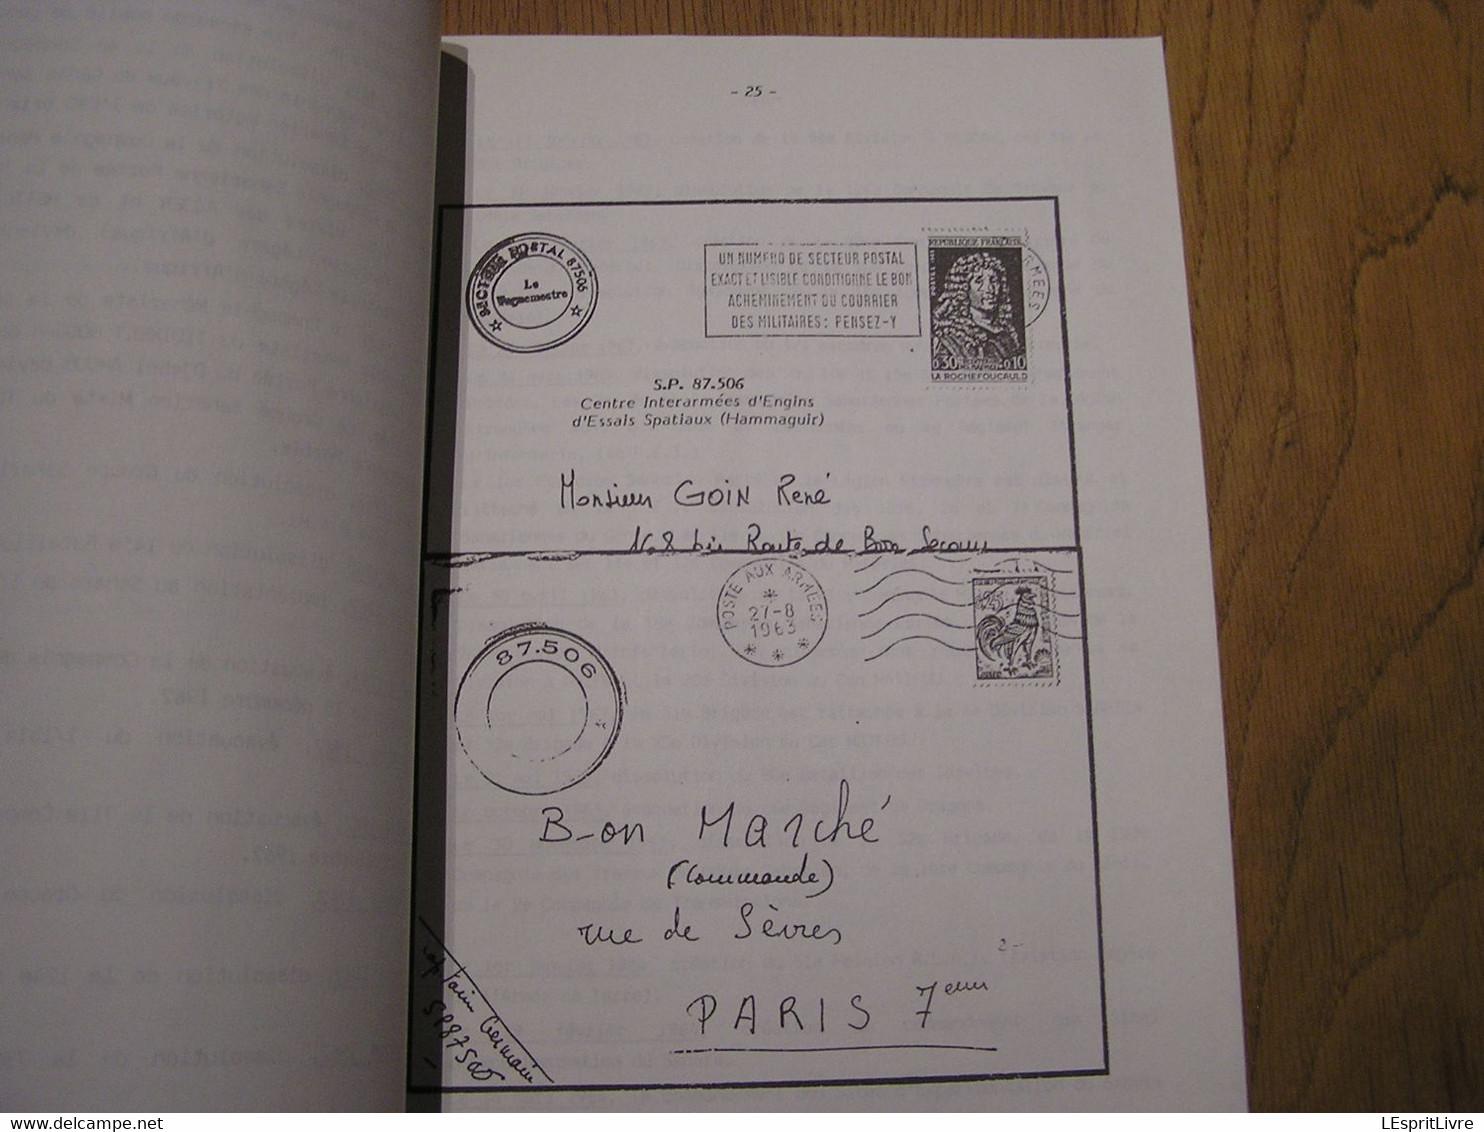 HISTOIRE POSTALE ET MILITAIRE DE L'ARMEE FRANCAISE AU SAHARA Marcophilie Philatélie Cachet Poste France Afrique Algérie - Otros Libros